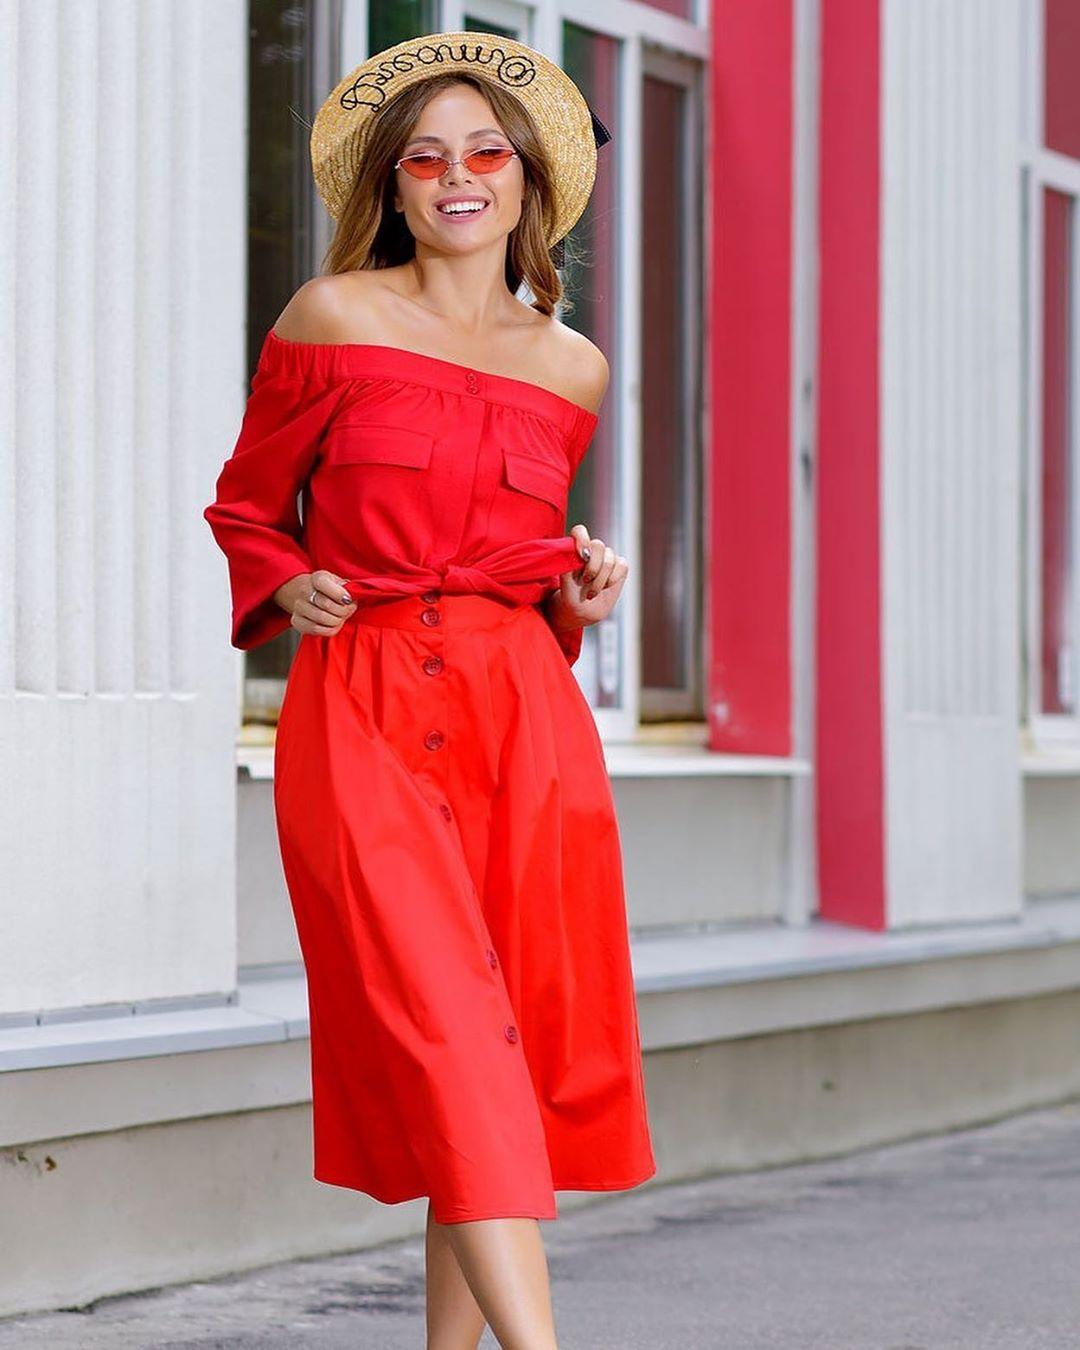 Красная юбка с блузой фото 10